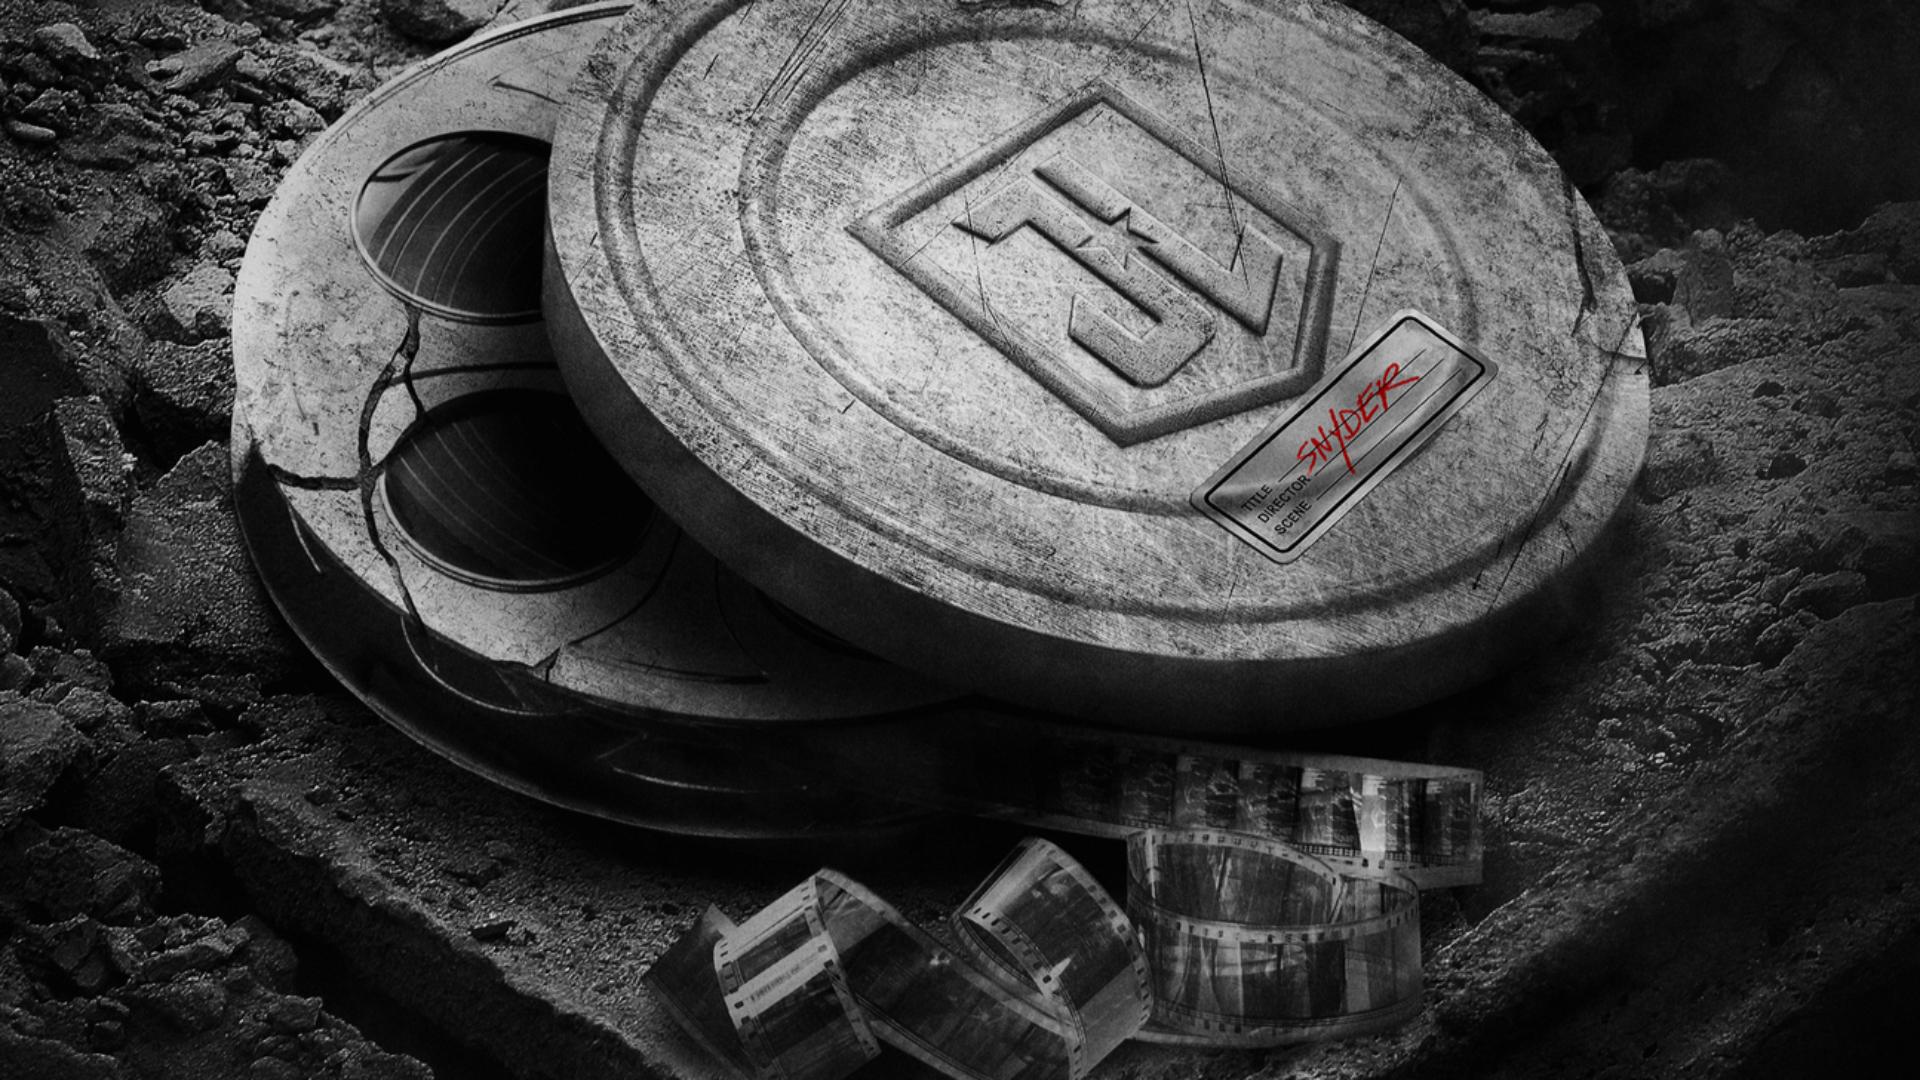 Фанаты Зака Снайдера требуют воскресить его киновселенную DC